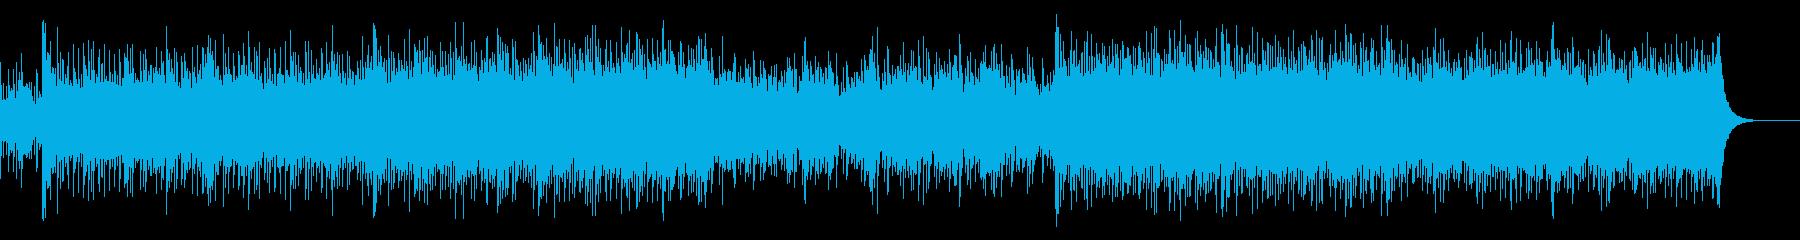 爽やかおしゃれな企業VP会社紹介 2分半の再生済みの波形